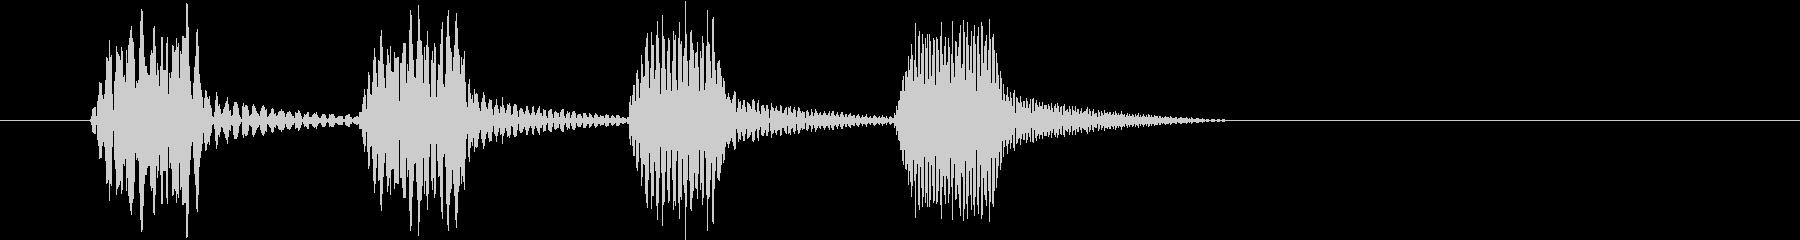 決定_タップ_クリック_200702の未再生の波形